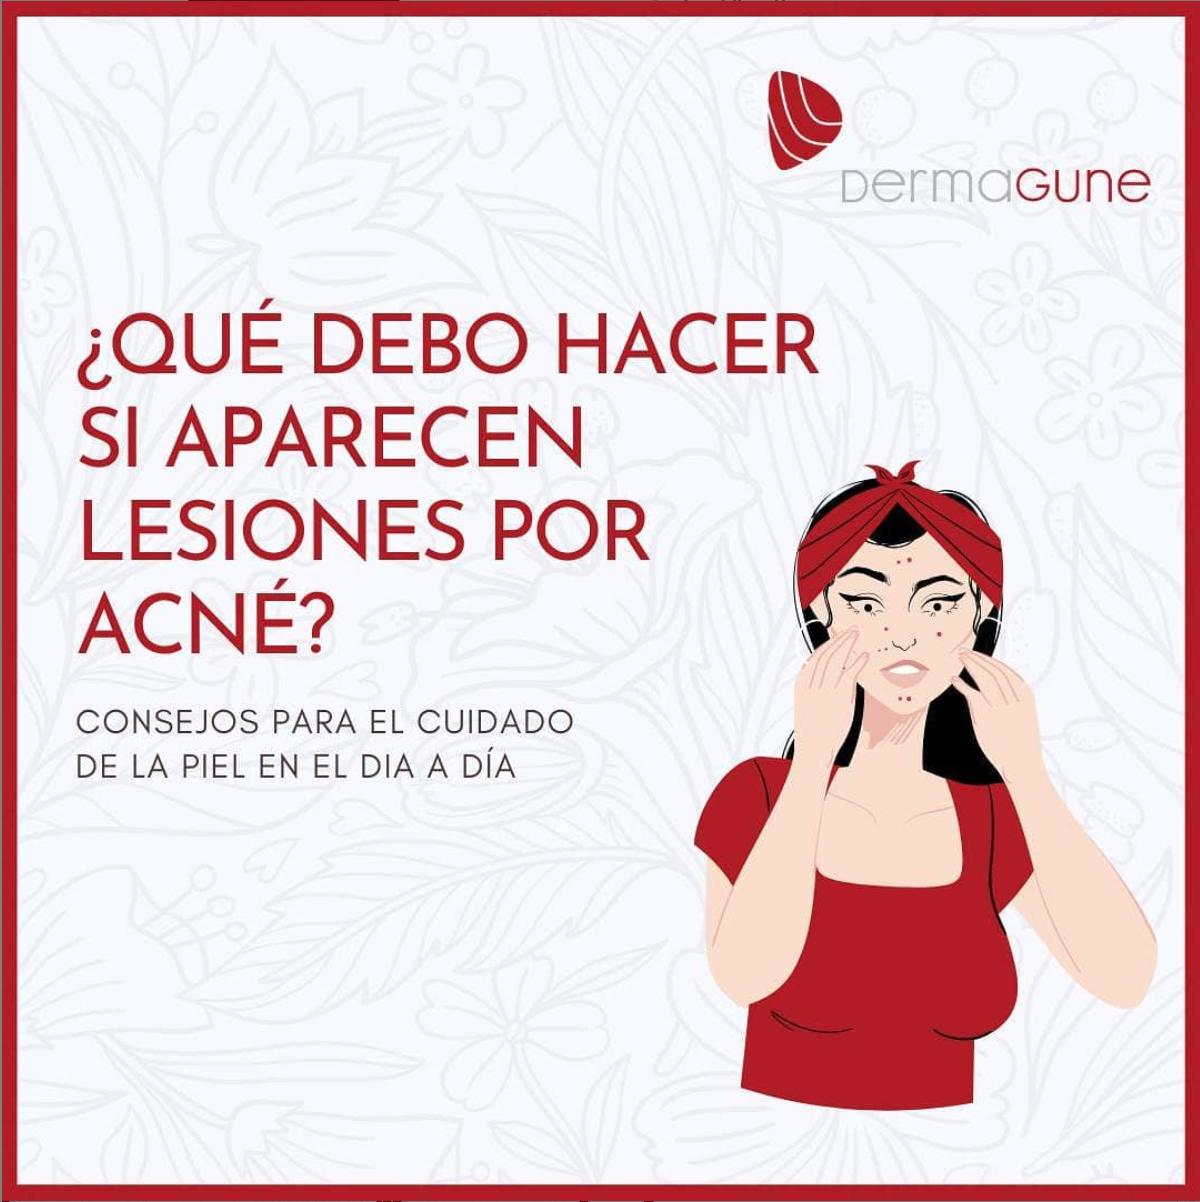 lesiones-acne.png